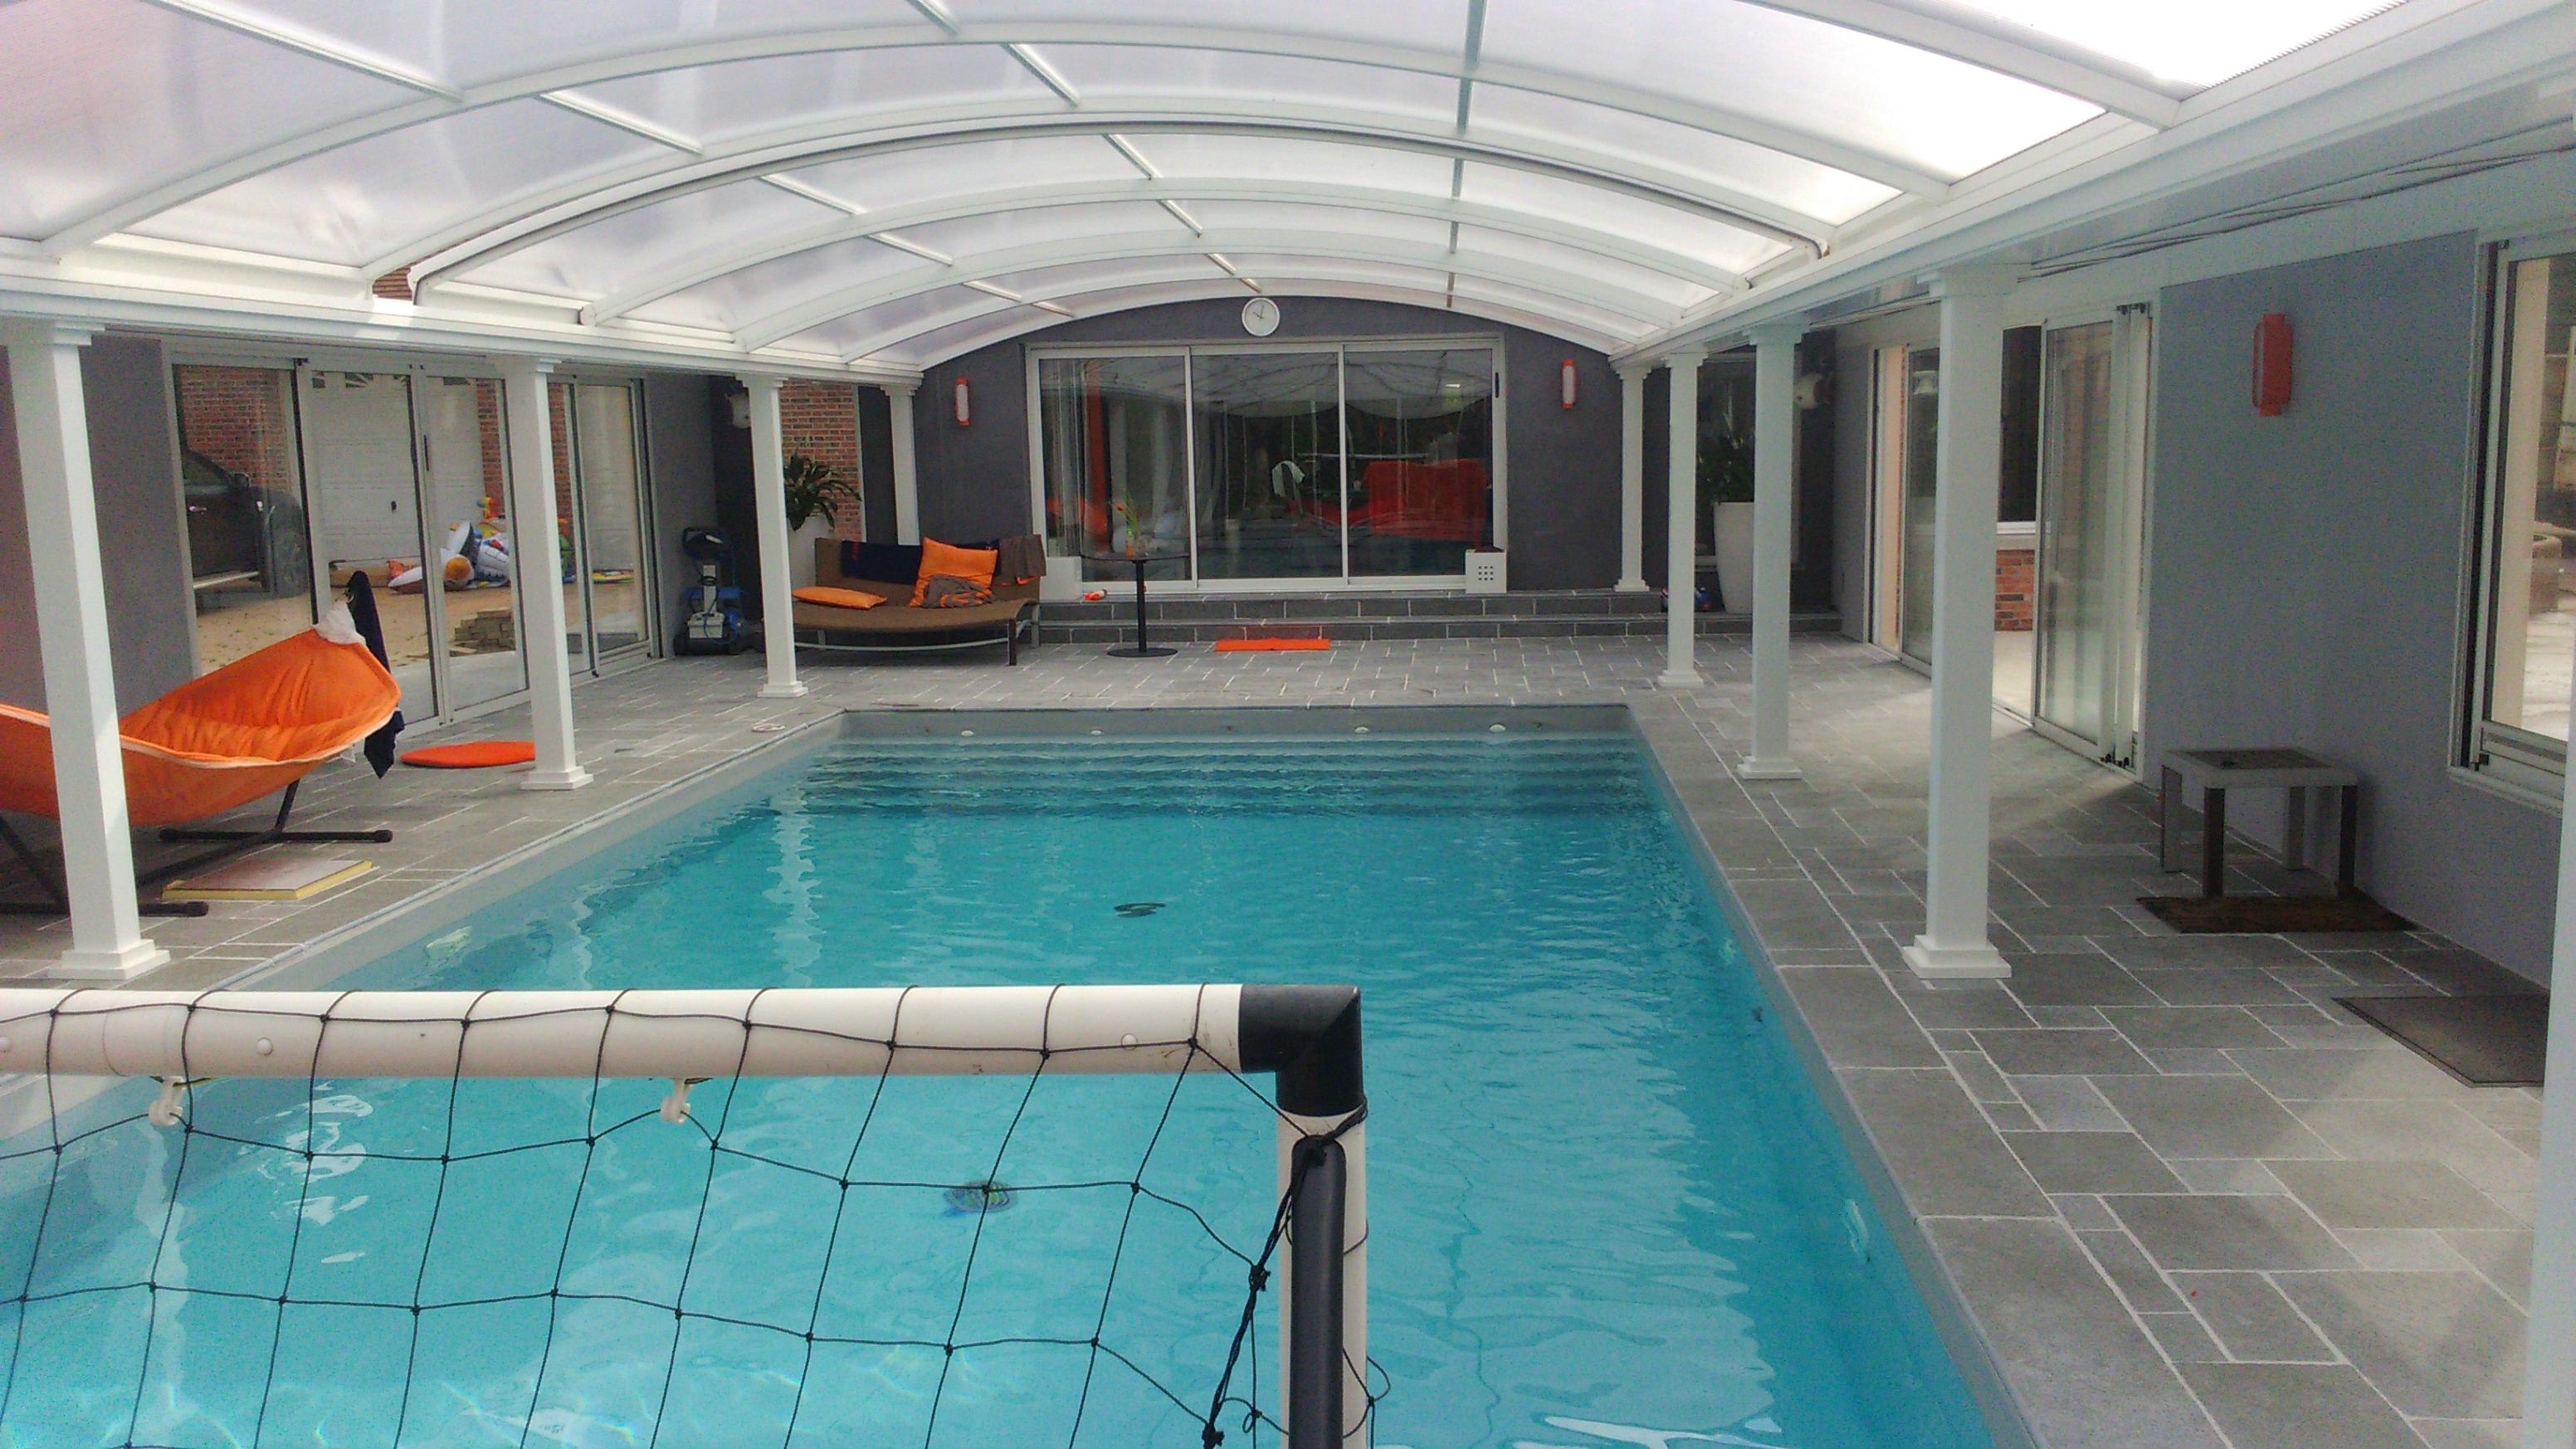 Sarl gape et concept alu construisent vos piscine et abri for Construction piscine 82